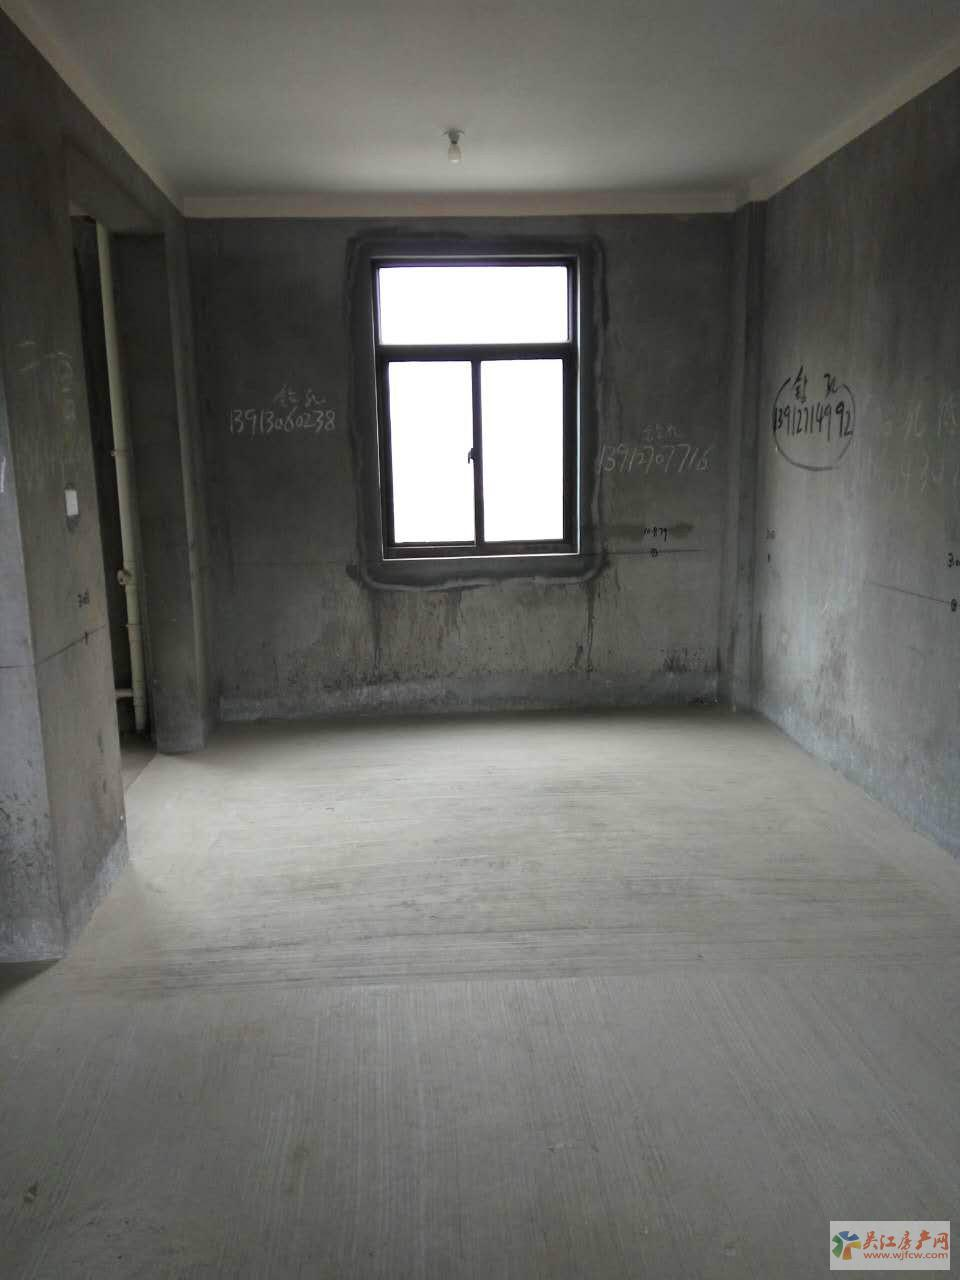 Y瑞景国际 4室2厅3卫 198平方米 258万出售